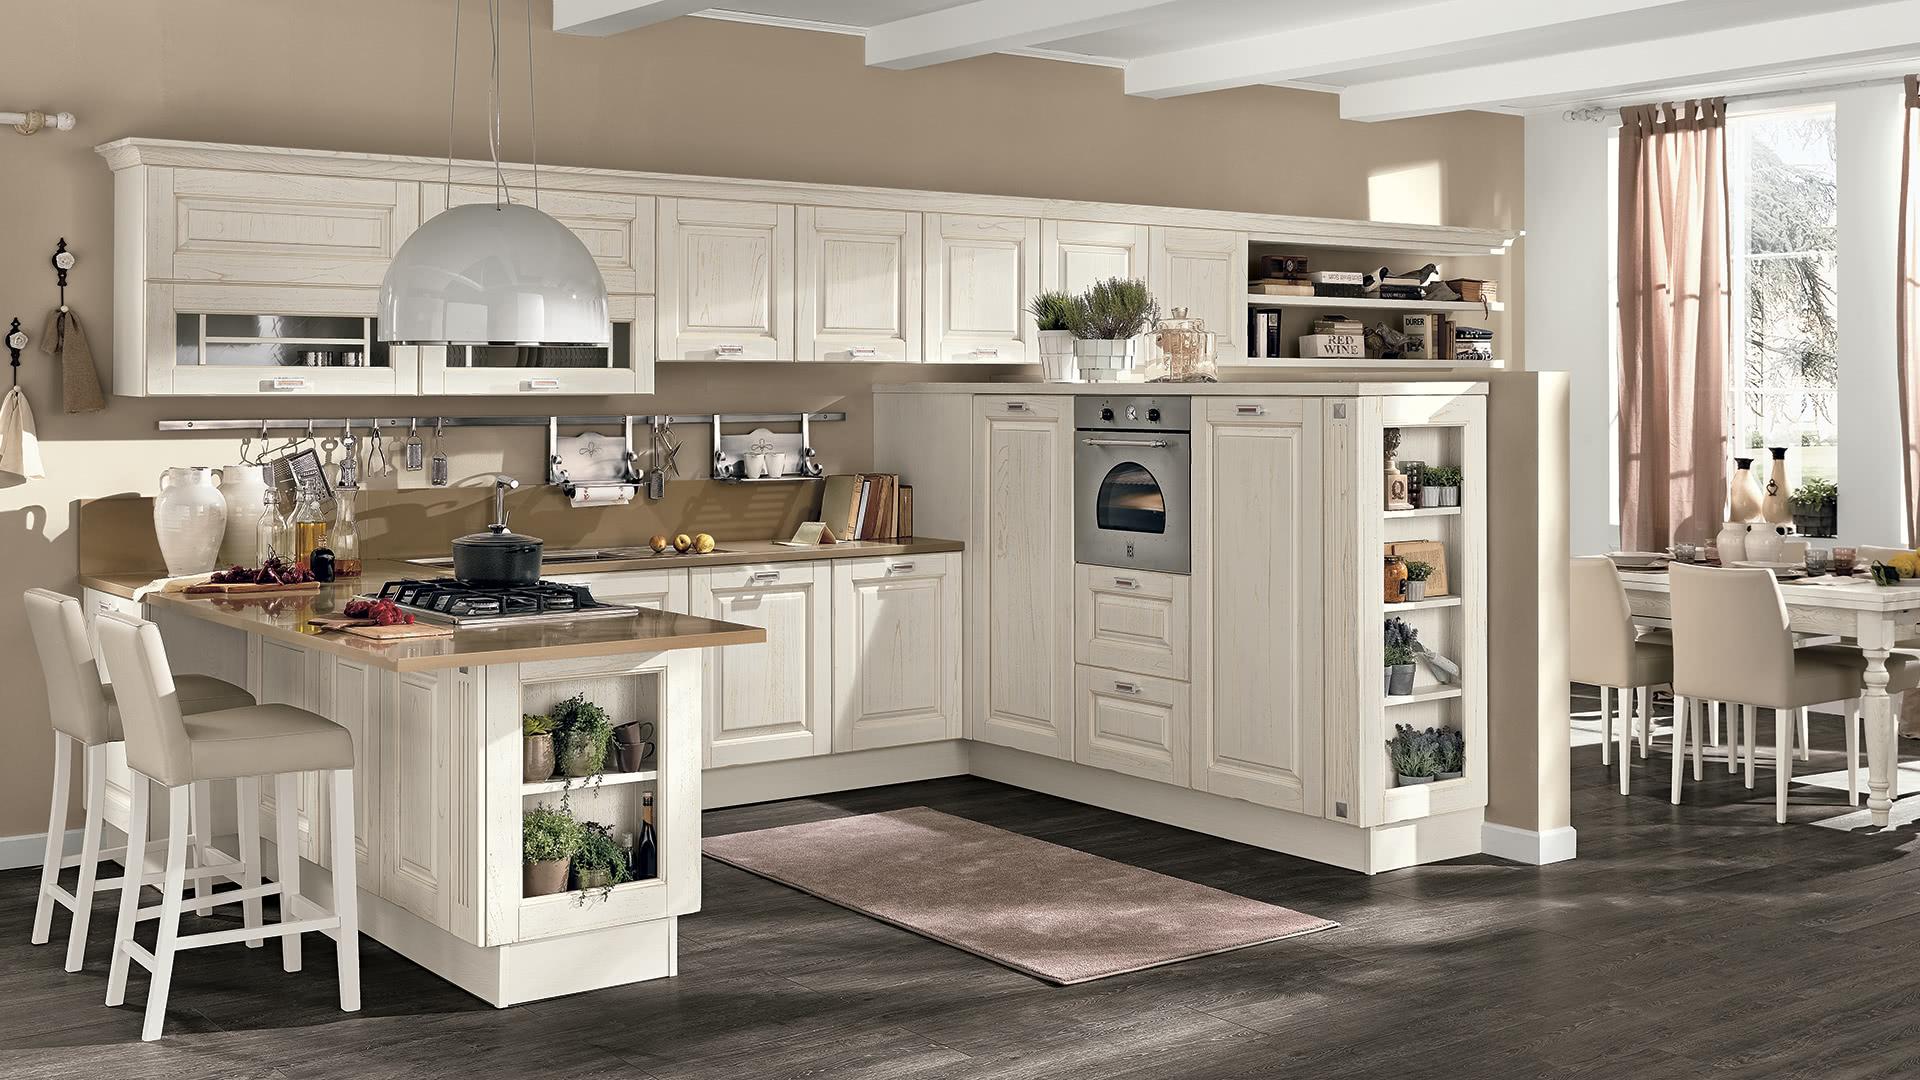 Laura - Cucine Classiche - Scheda prodotto - Cucine Lube